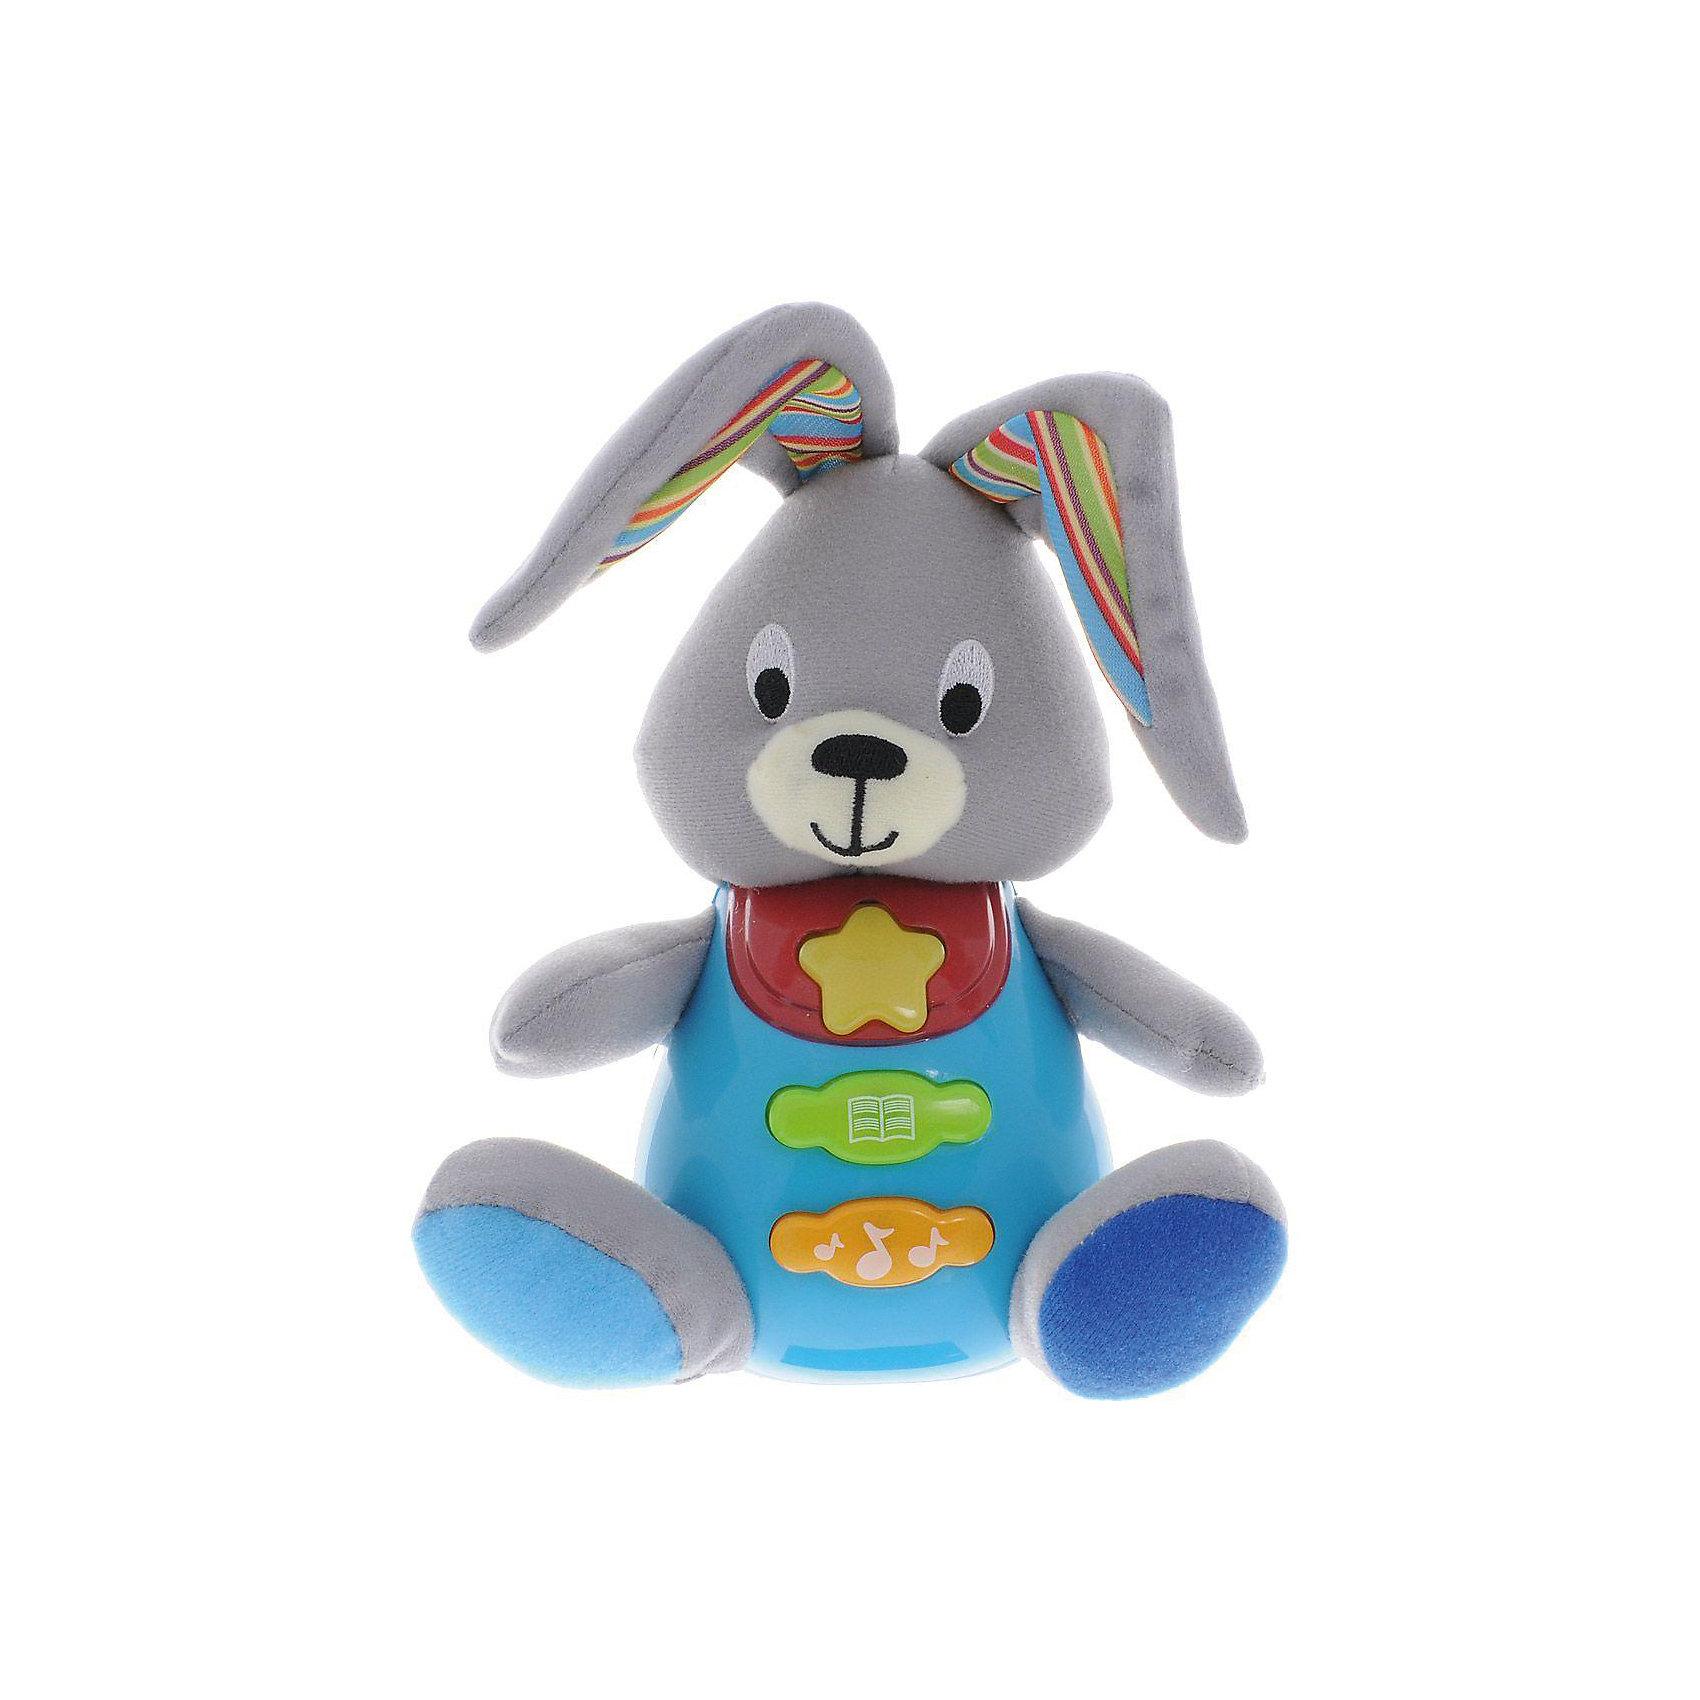 Обучающая игрушка Стихи М. Дружининой, Кролик, песня из мультфильма, УмкаОбучающая игрушка Стихи А.Барто, со светом и звуком, Умка – это увлекательный, развивающий подарок для Вашего малыша. Обучающий забавный зверек познакомит ребёнка с добрыми детскими стишками и песенкой. На животике расположены три кнопки. При нажатии на одну из них малыш услышит песенку От улыбки. При нажатии на вторую - 6 приятных мелодий. При нажатии на кнопку с книжкой поочередно прозвучат 5 замечательных стихотворений А. Барто из серии Игрушки (Бычок, Зайка, Лошадка, Слон, Мишка). Все стихи и песенки сопровождаются световыми эффектами. Голова и лапки у игрушек мягкие с шуршащими вставками для развития тактильных ощущений. Туловище изготовлено из высококачественной пластмассы. Игрушка отлично способствует развитию памяти, логики, визуального и слухового восприятия, моторики.  Дополнительная информация:  - Игрушка работает от 2 батареек типа АА (входят в комплект) - Размер медвежонка: 16 х 18 х 8 см. - Размер упаковки: 20 х 21,5 х 11 см. Обучающую игрушку Стихи А.Барто, со светом и звуком, Умка можно купить в нашем интернет-магазине.<br><br>Ширина мм: 380<br>Глубина мм: 430<br>Высота мм: 460<br>Вес г: 520<br>Возраст от месяцев: 12<br>Возраст до месяцев: 48<br>Пол: Унисекс<br>Возраст: Детский<br>SKU: 4838283